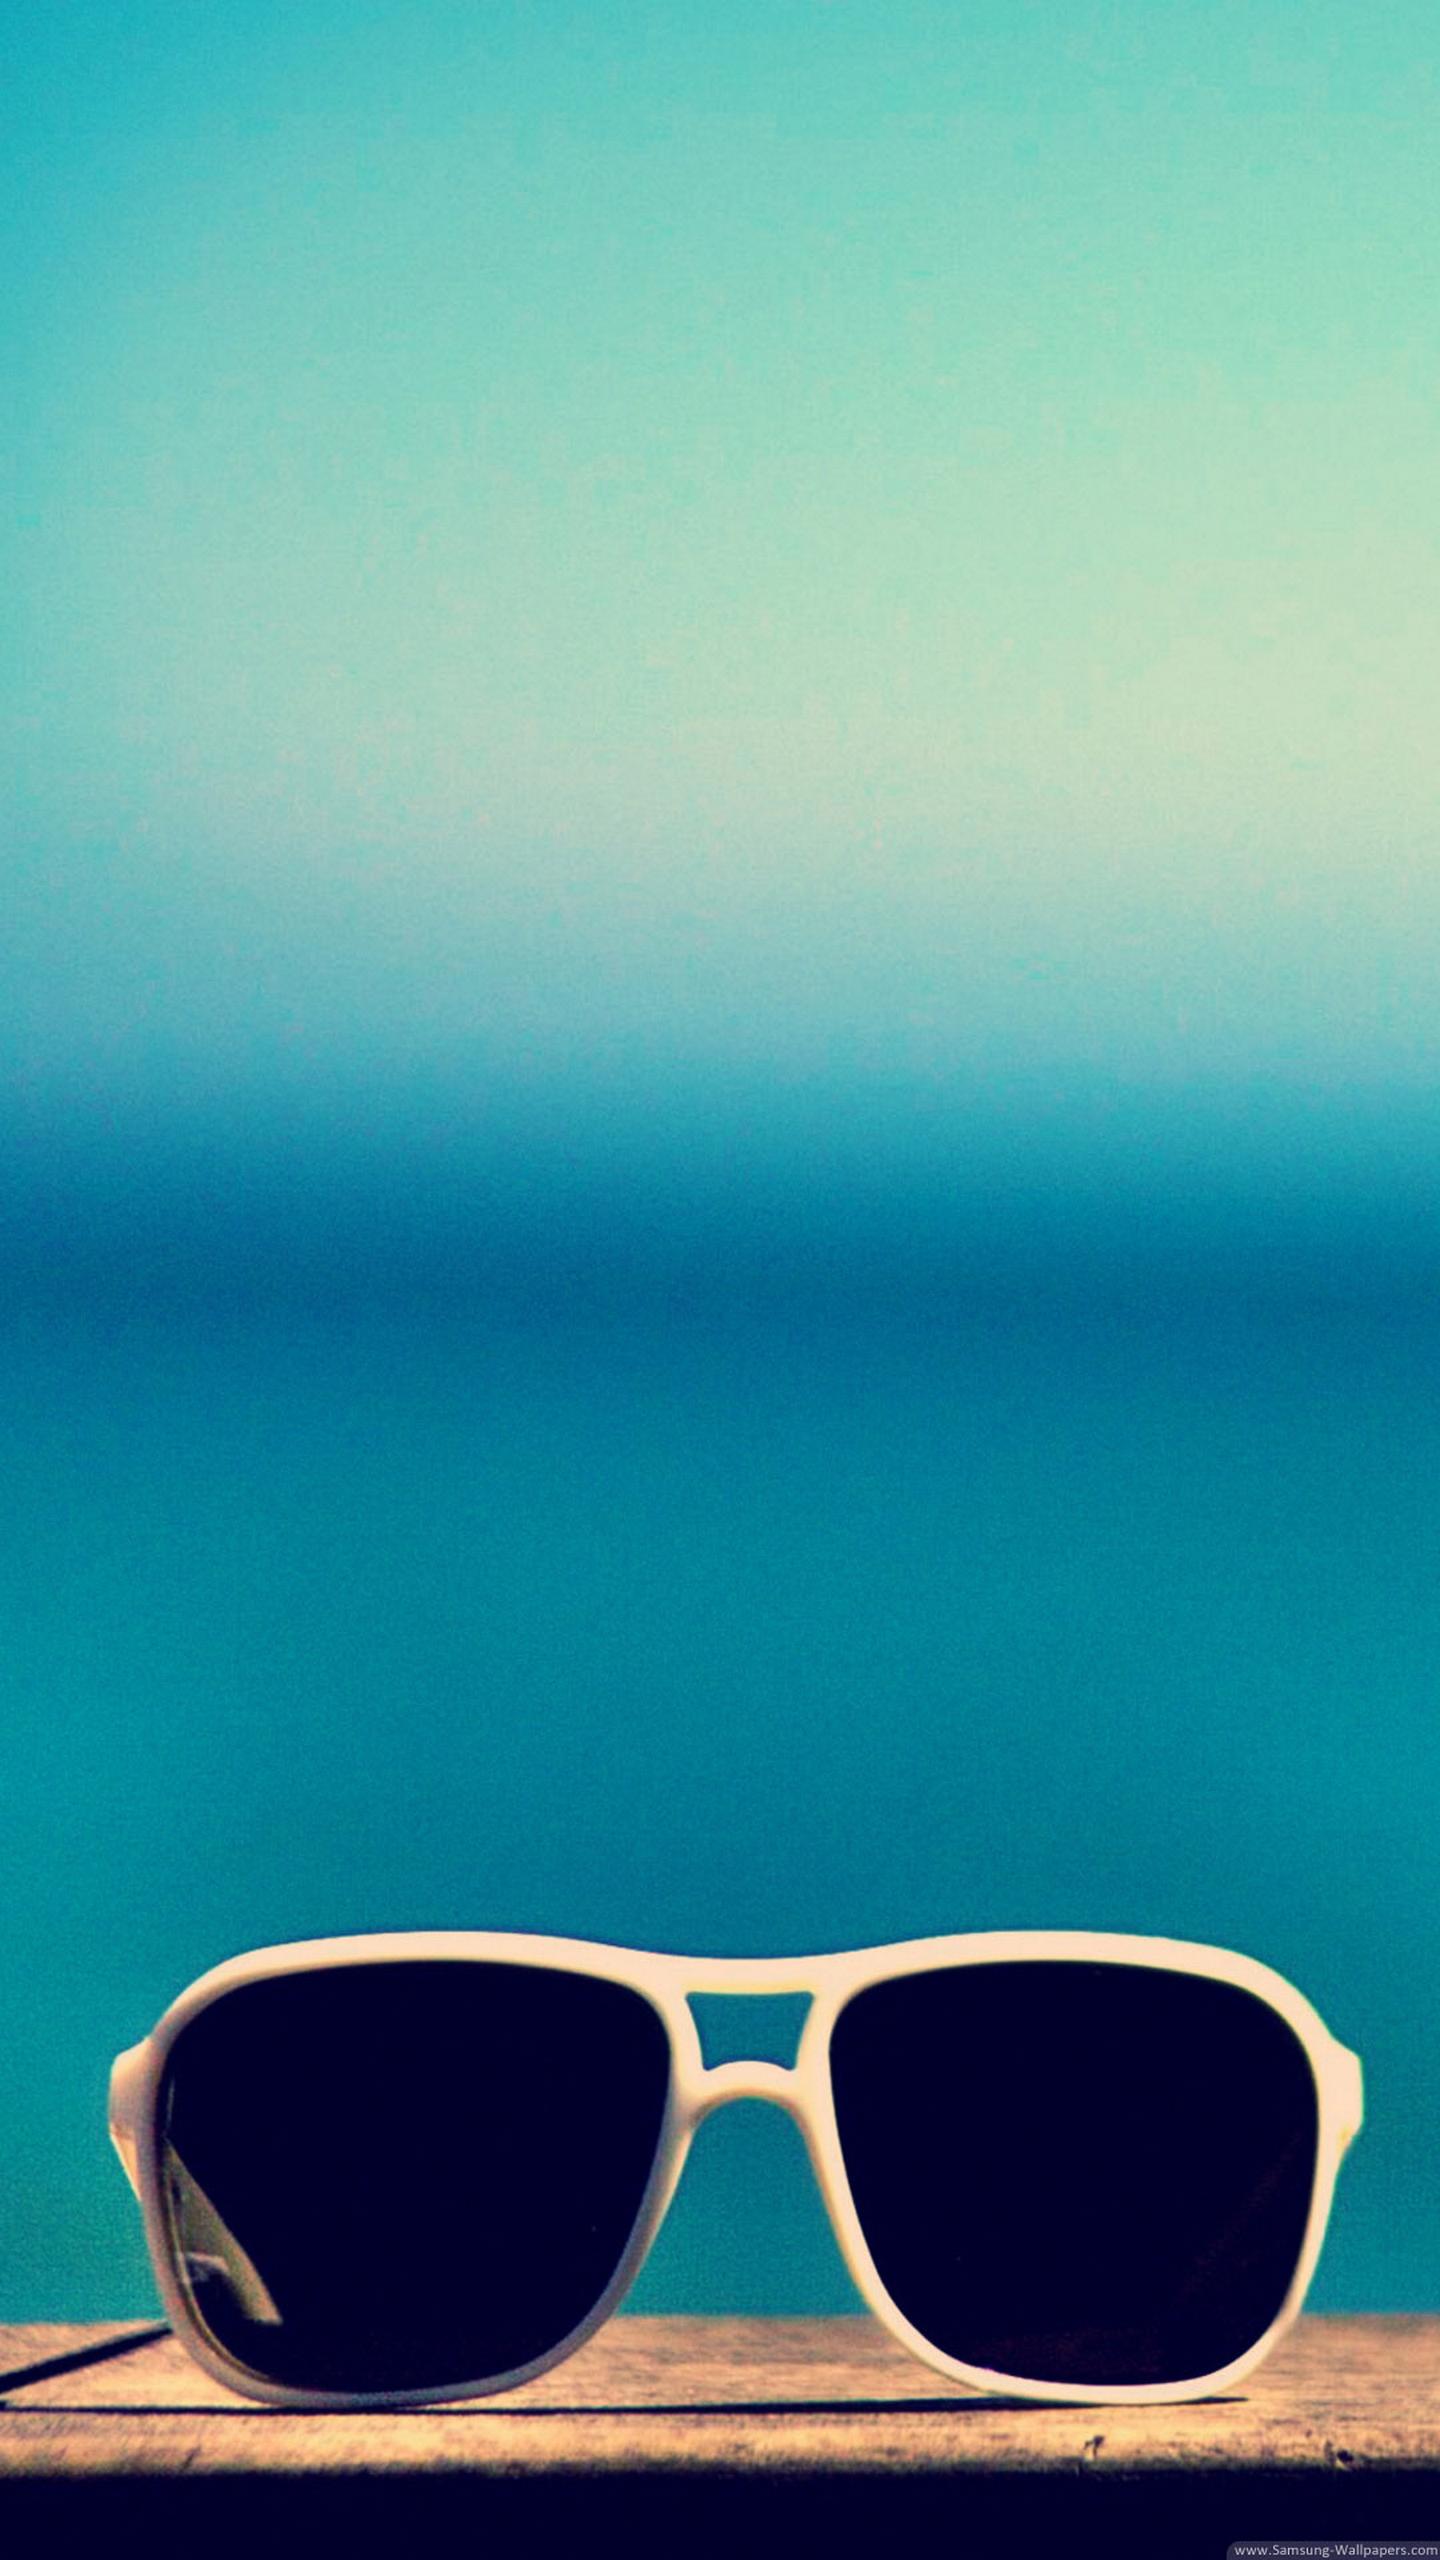 Cool Lock Screen Wallpaper - WallpaperSafari